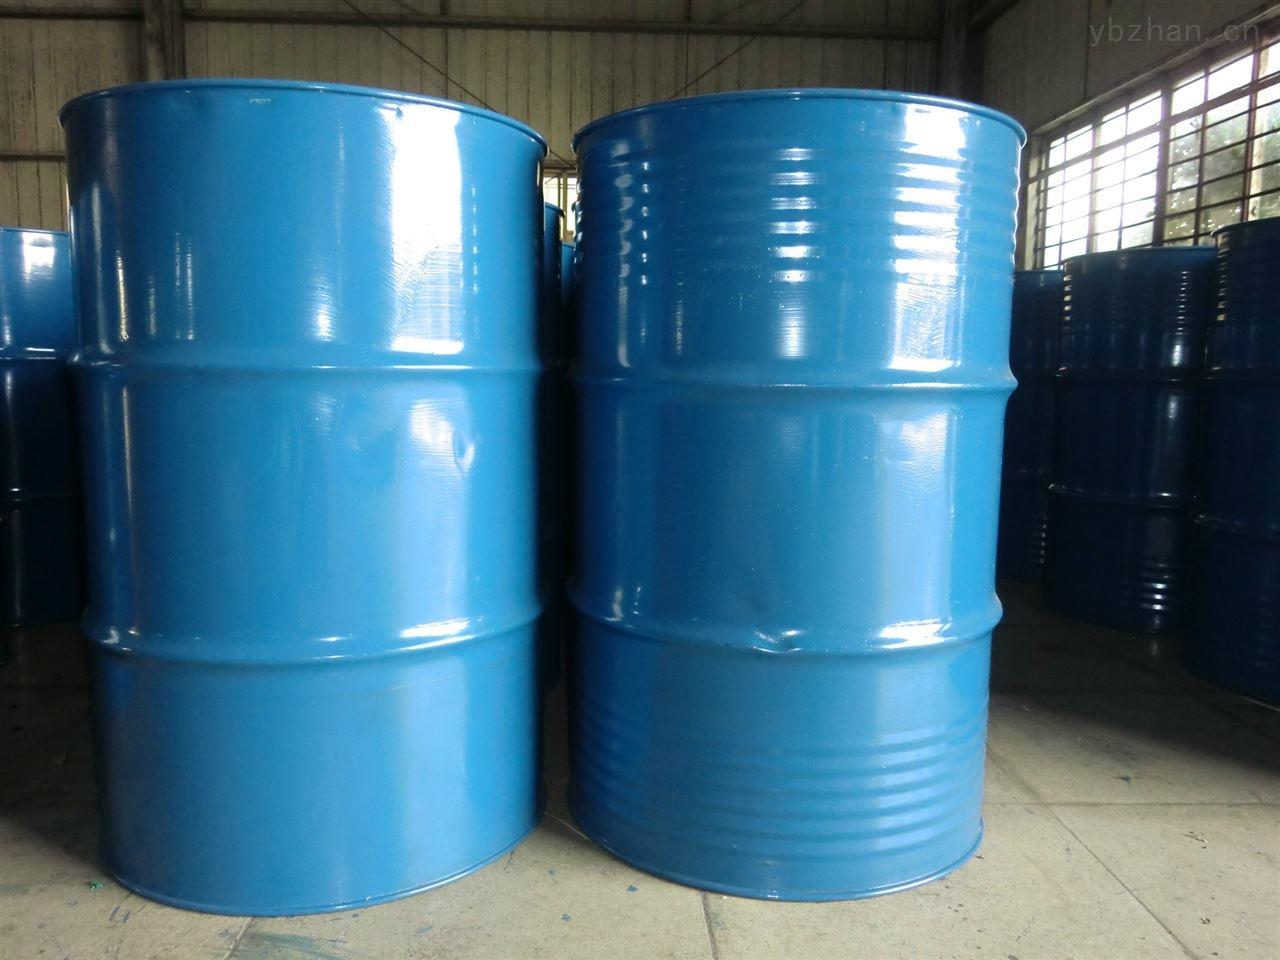 阜新制冷机防冻液畅销全国 葫芦岛室外用水防冻剂销量*